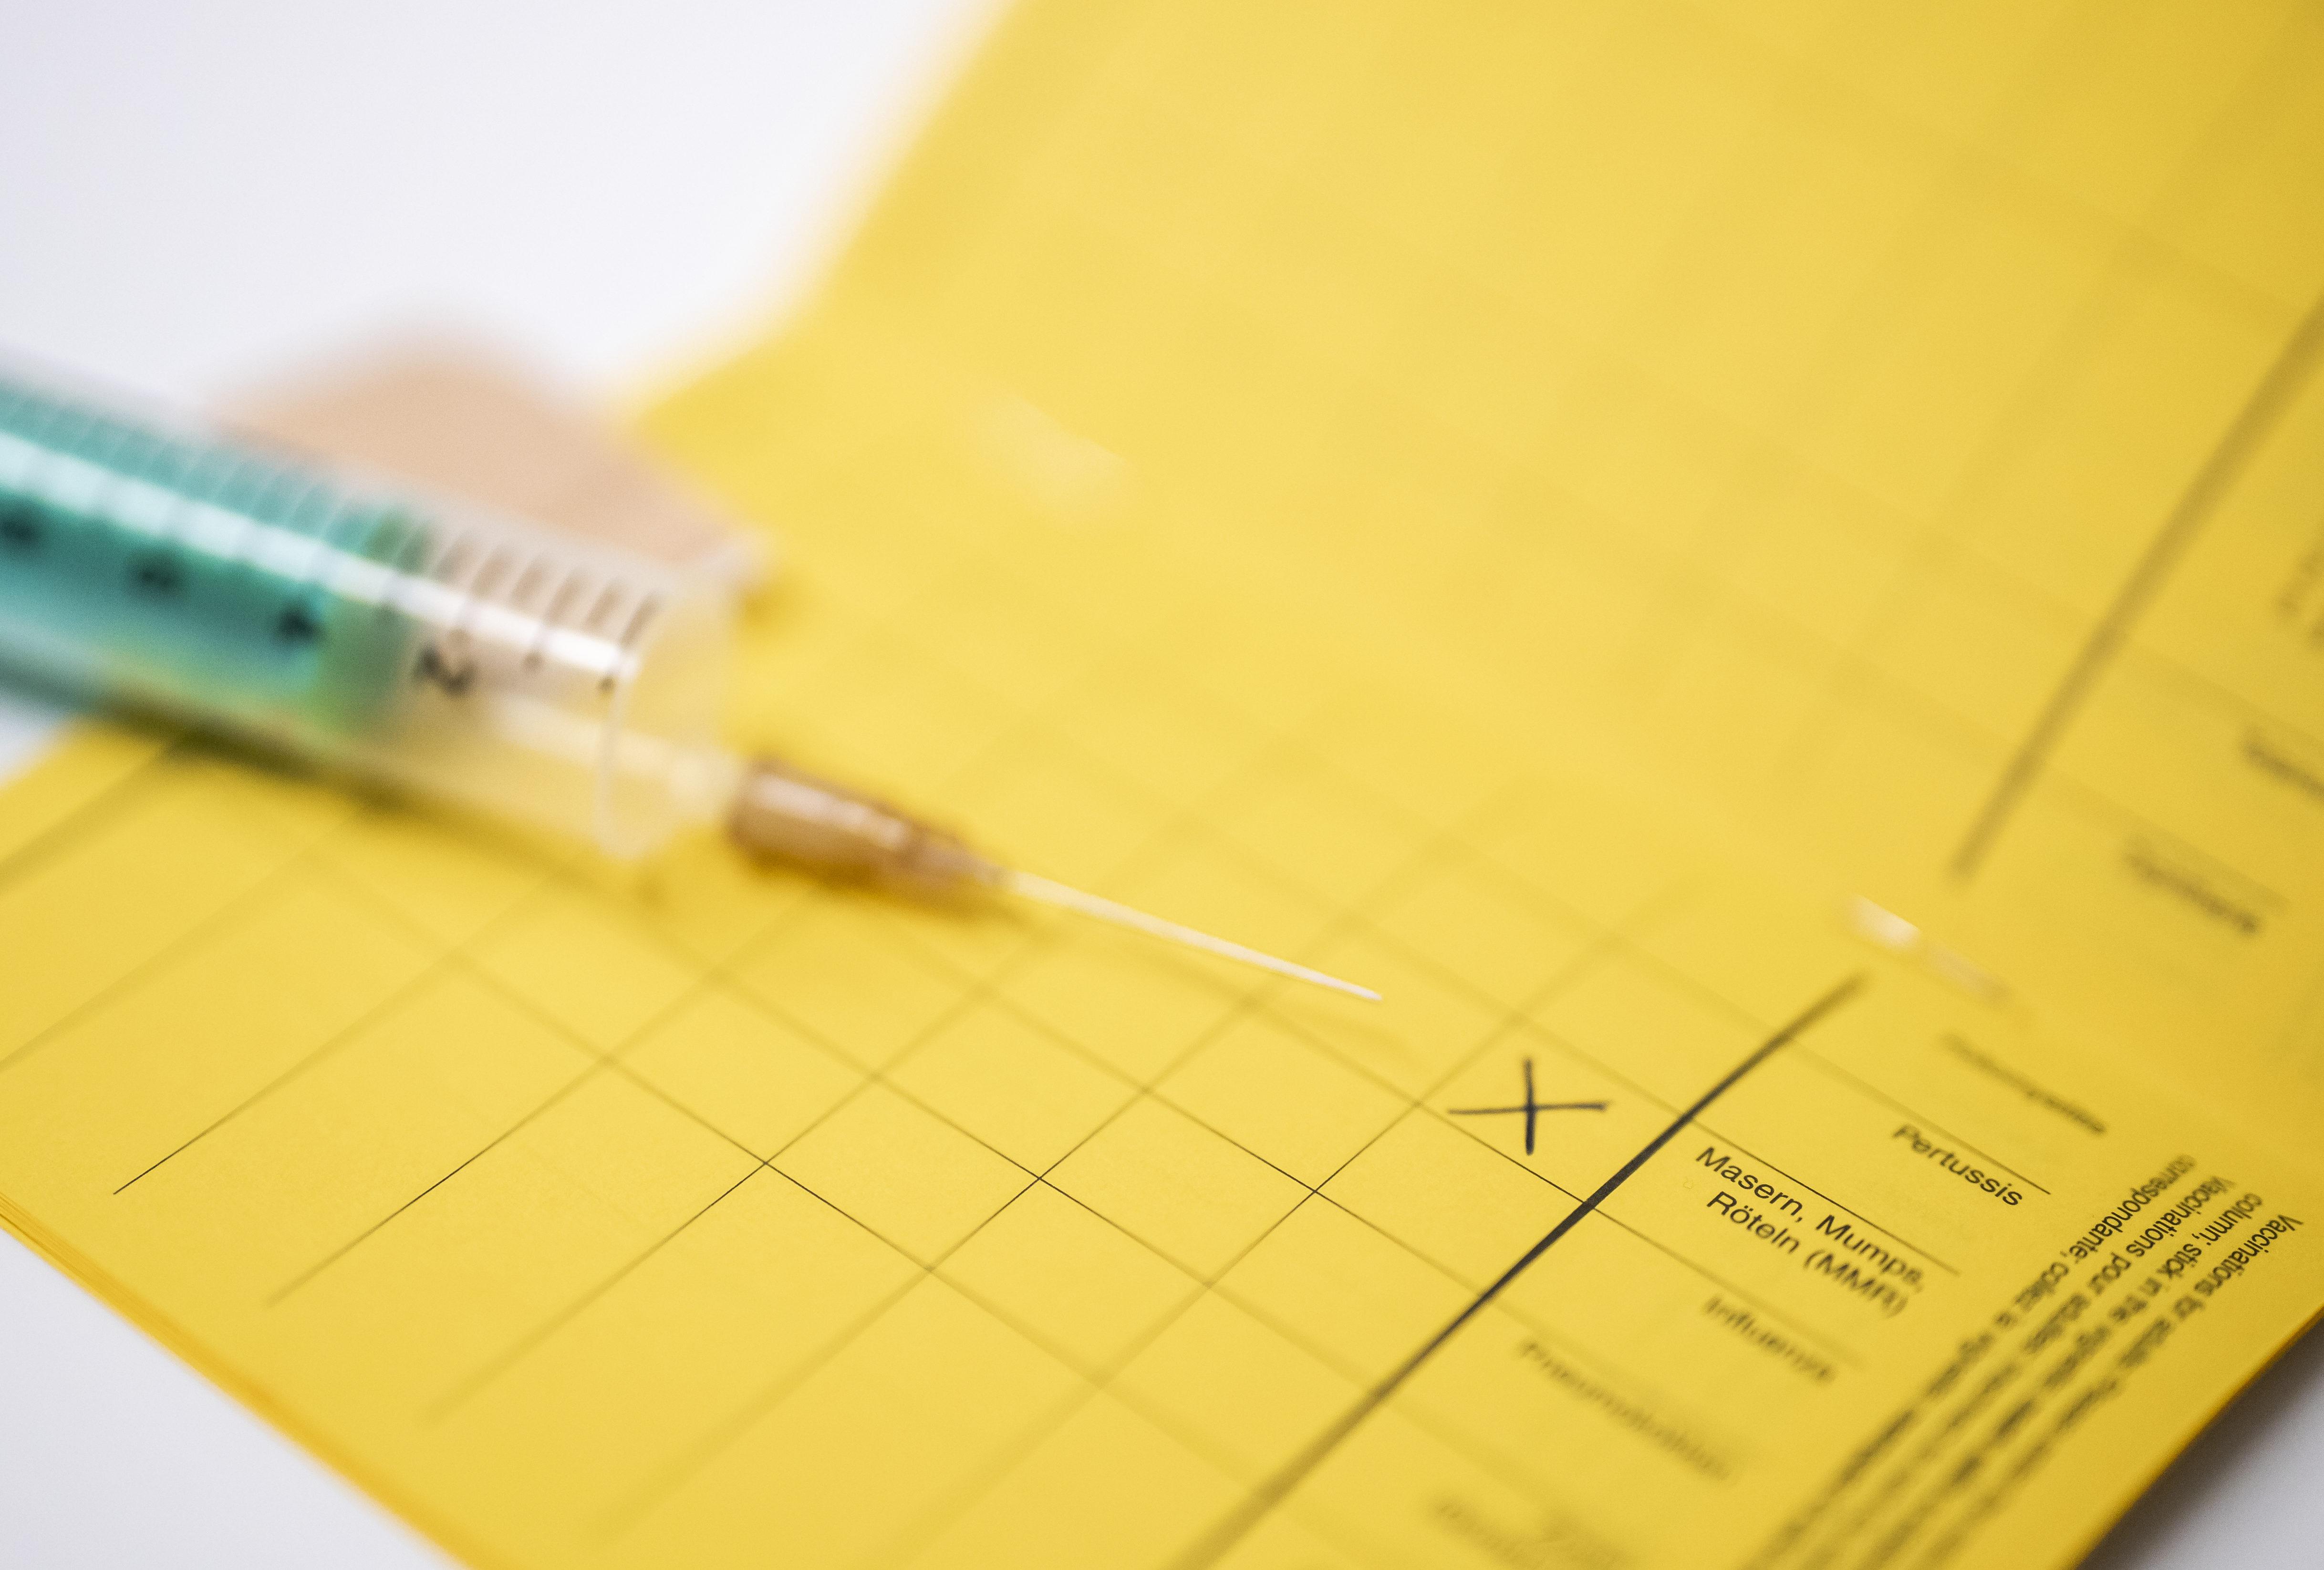 Masernimpfpflicht Betriebsarzt Arbeitsmedizin Betriebsmedizin